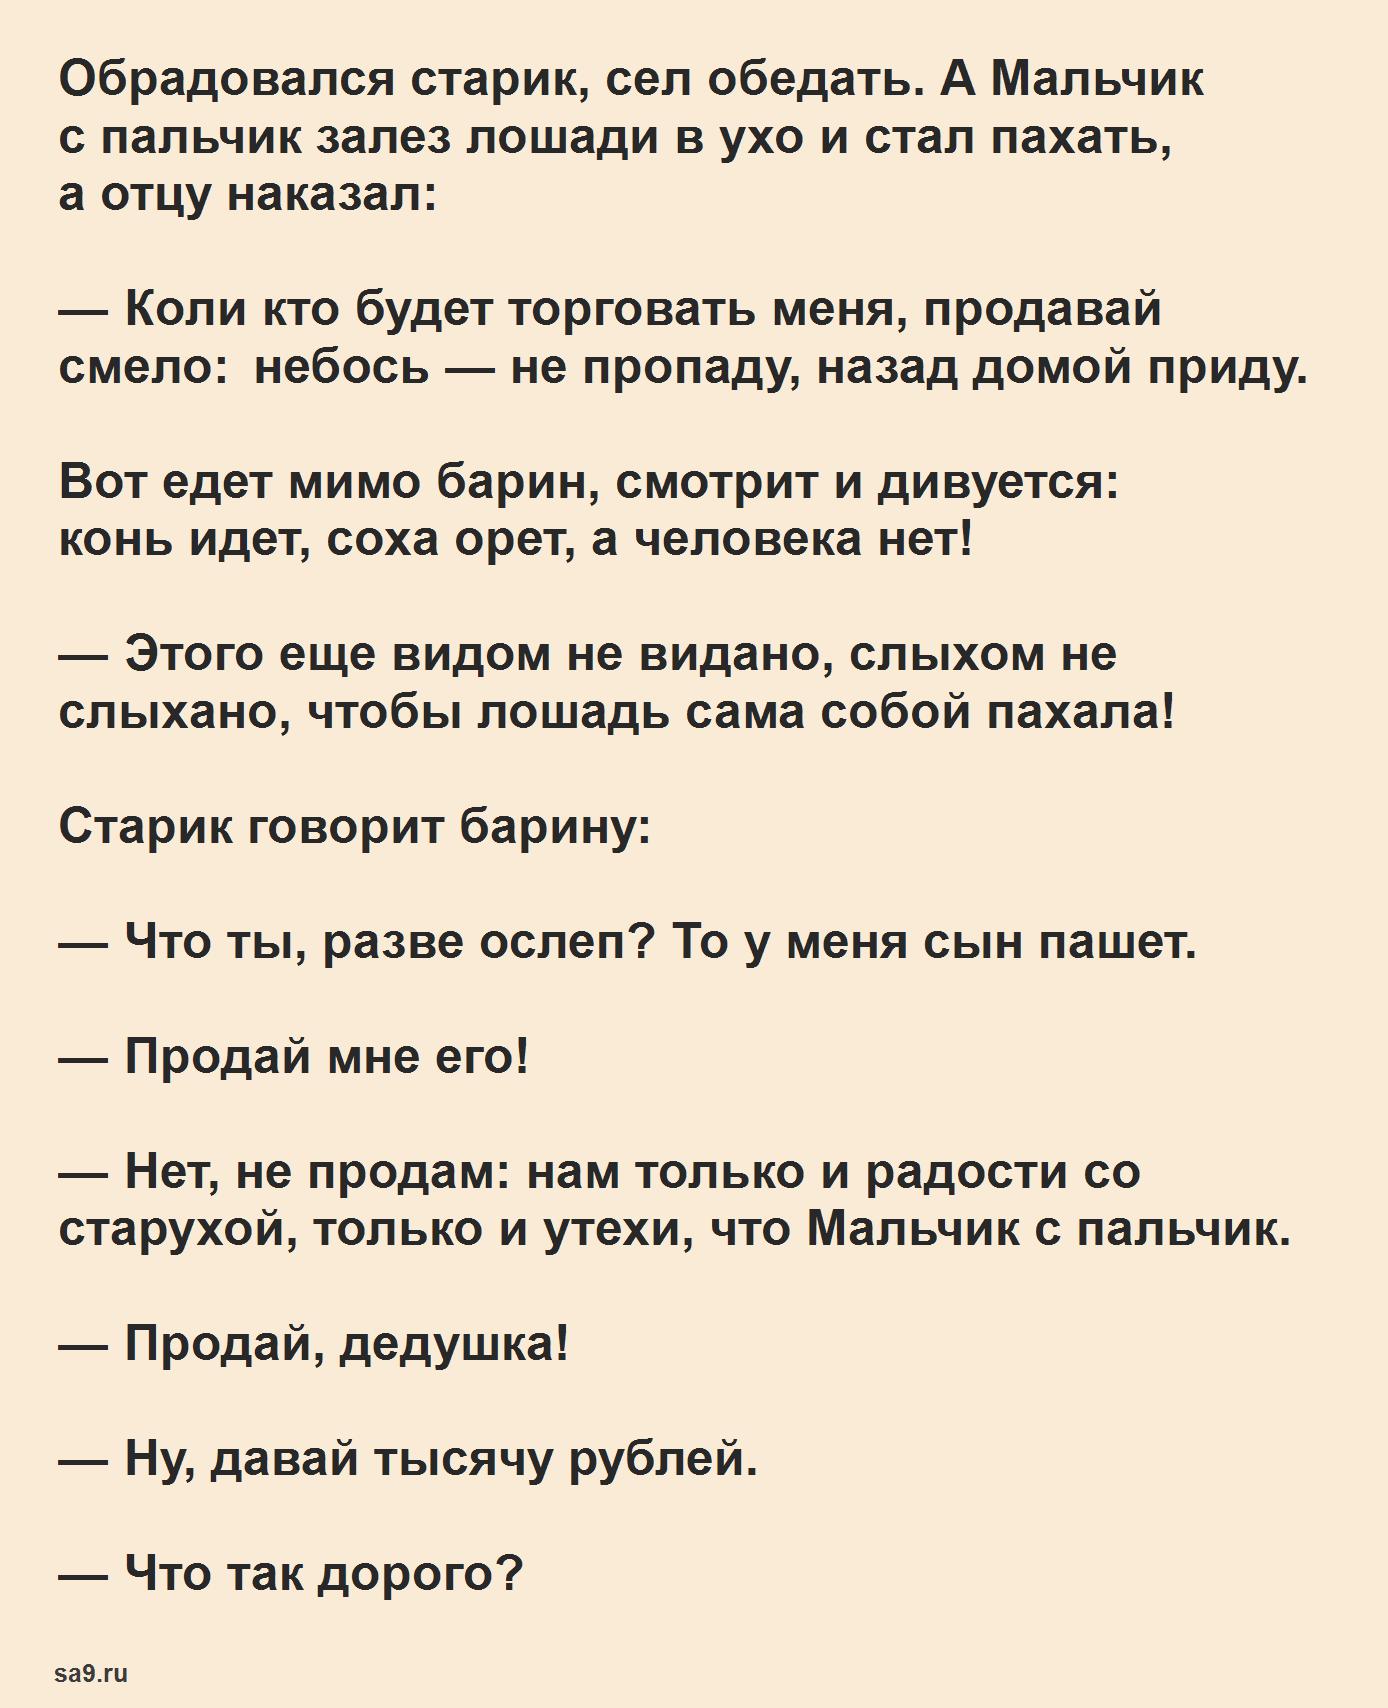 Русская народная сказка - Мальчик с пальчик, читать онлайн бесплатно